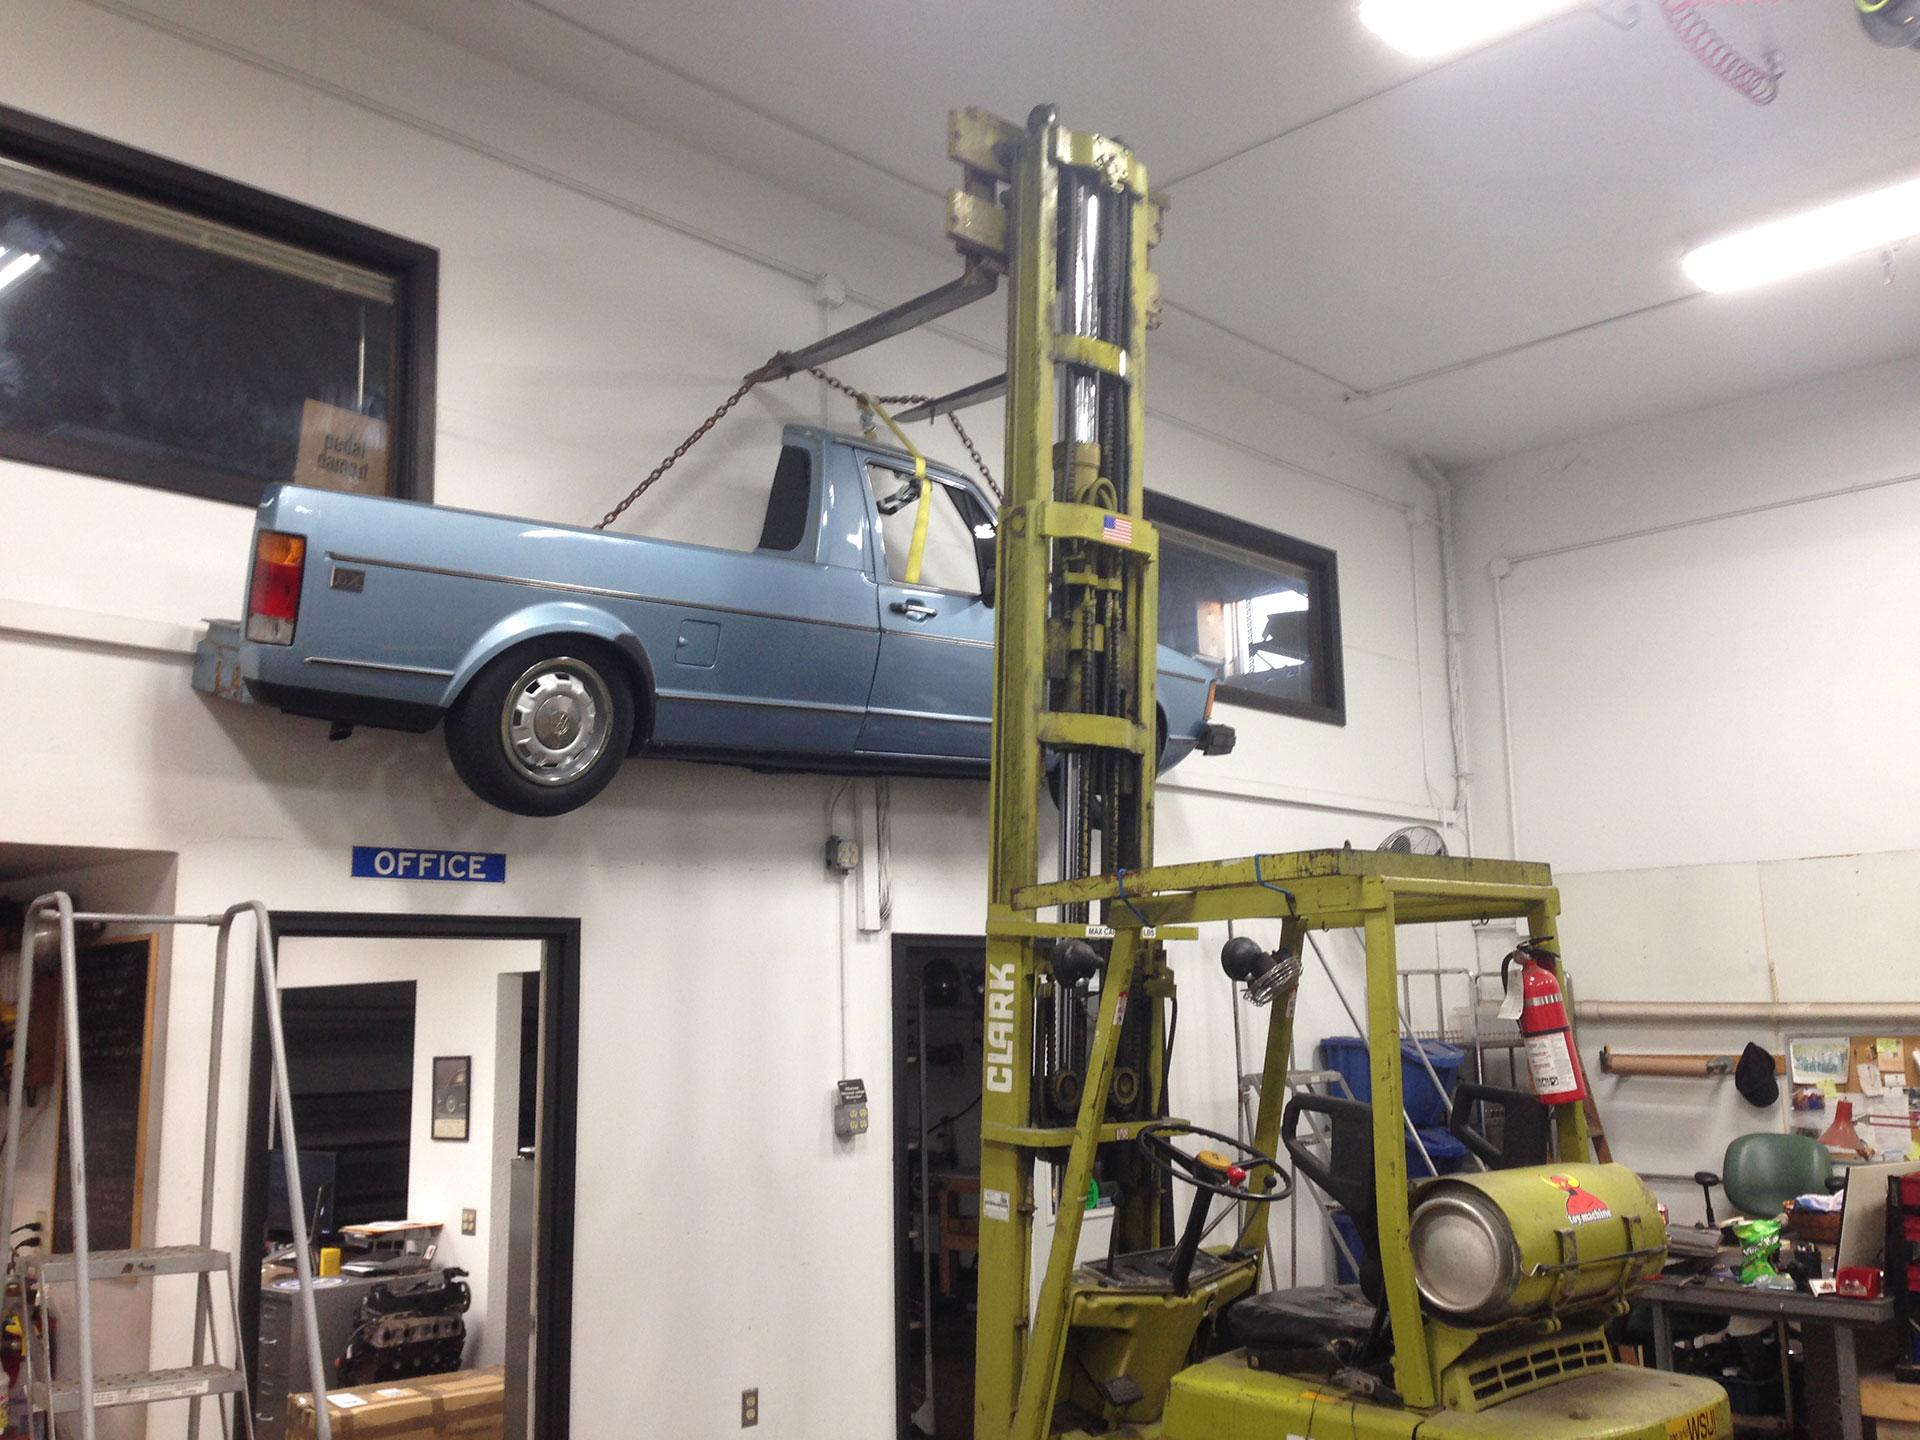 Con las ruedas ya puestas, éste modelo se atornilló a múltiples postes para que quedara fijo en la pared. Foto: Imgur